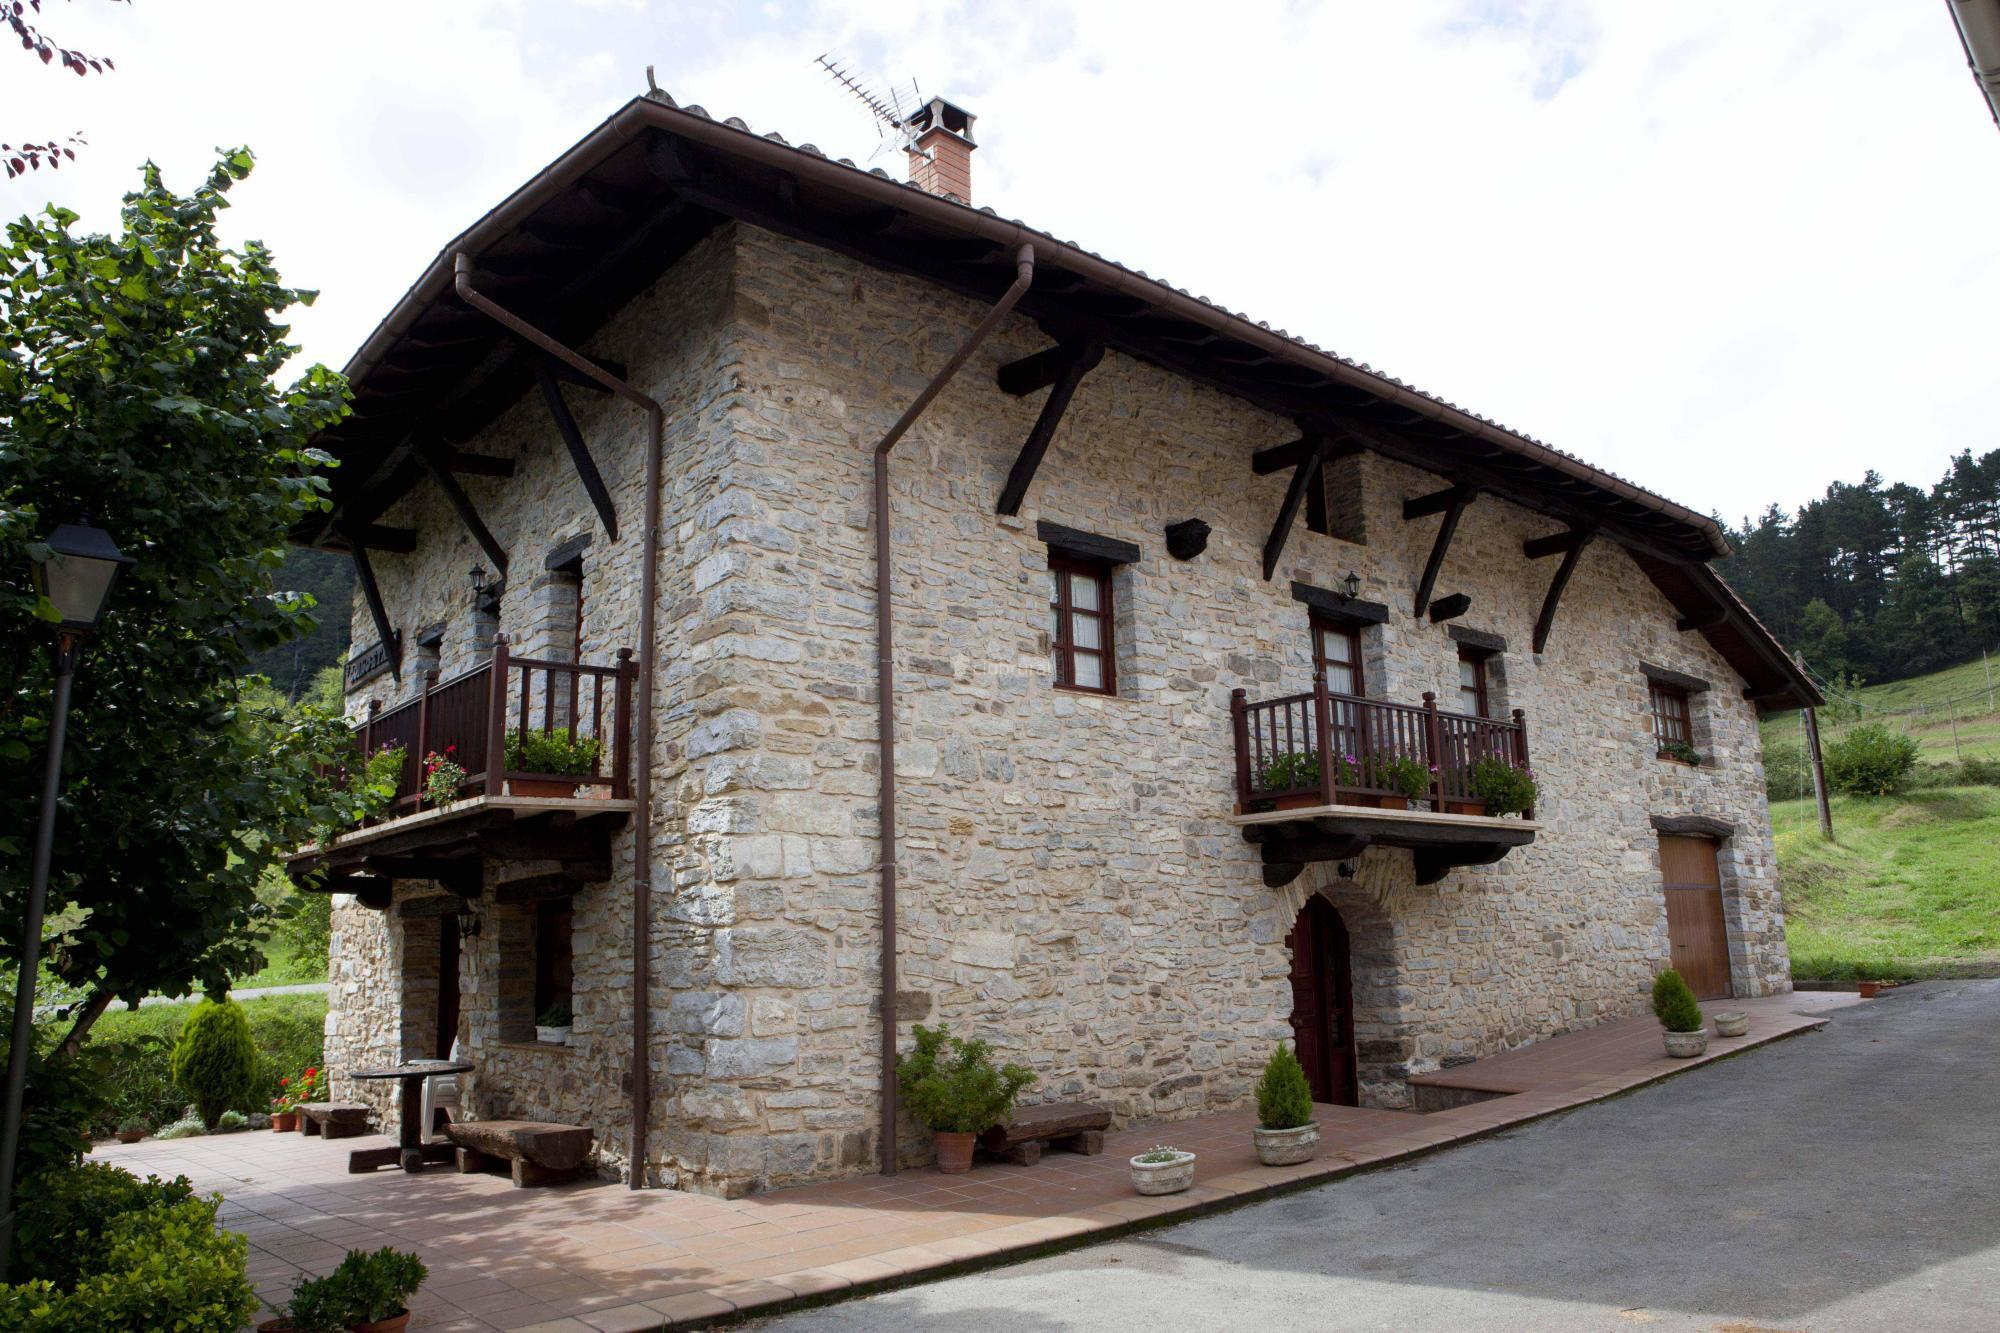 Fotos de goikoetxe vizcaya zeanuri clubrural - Casas rurales pais vasco alquiler integro ...